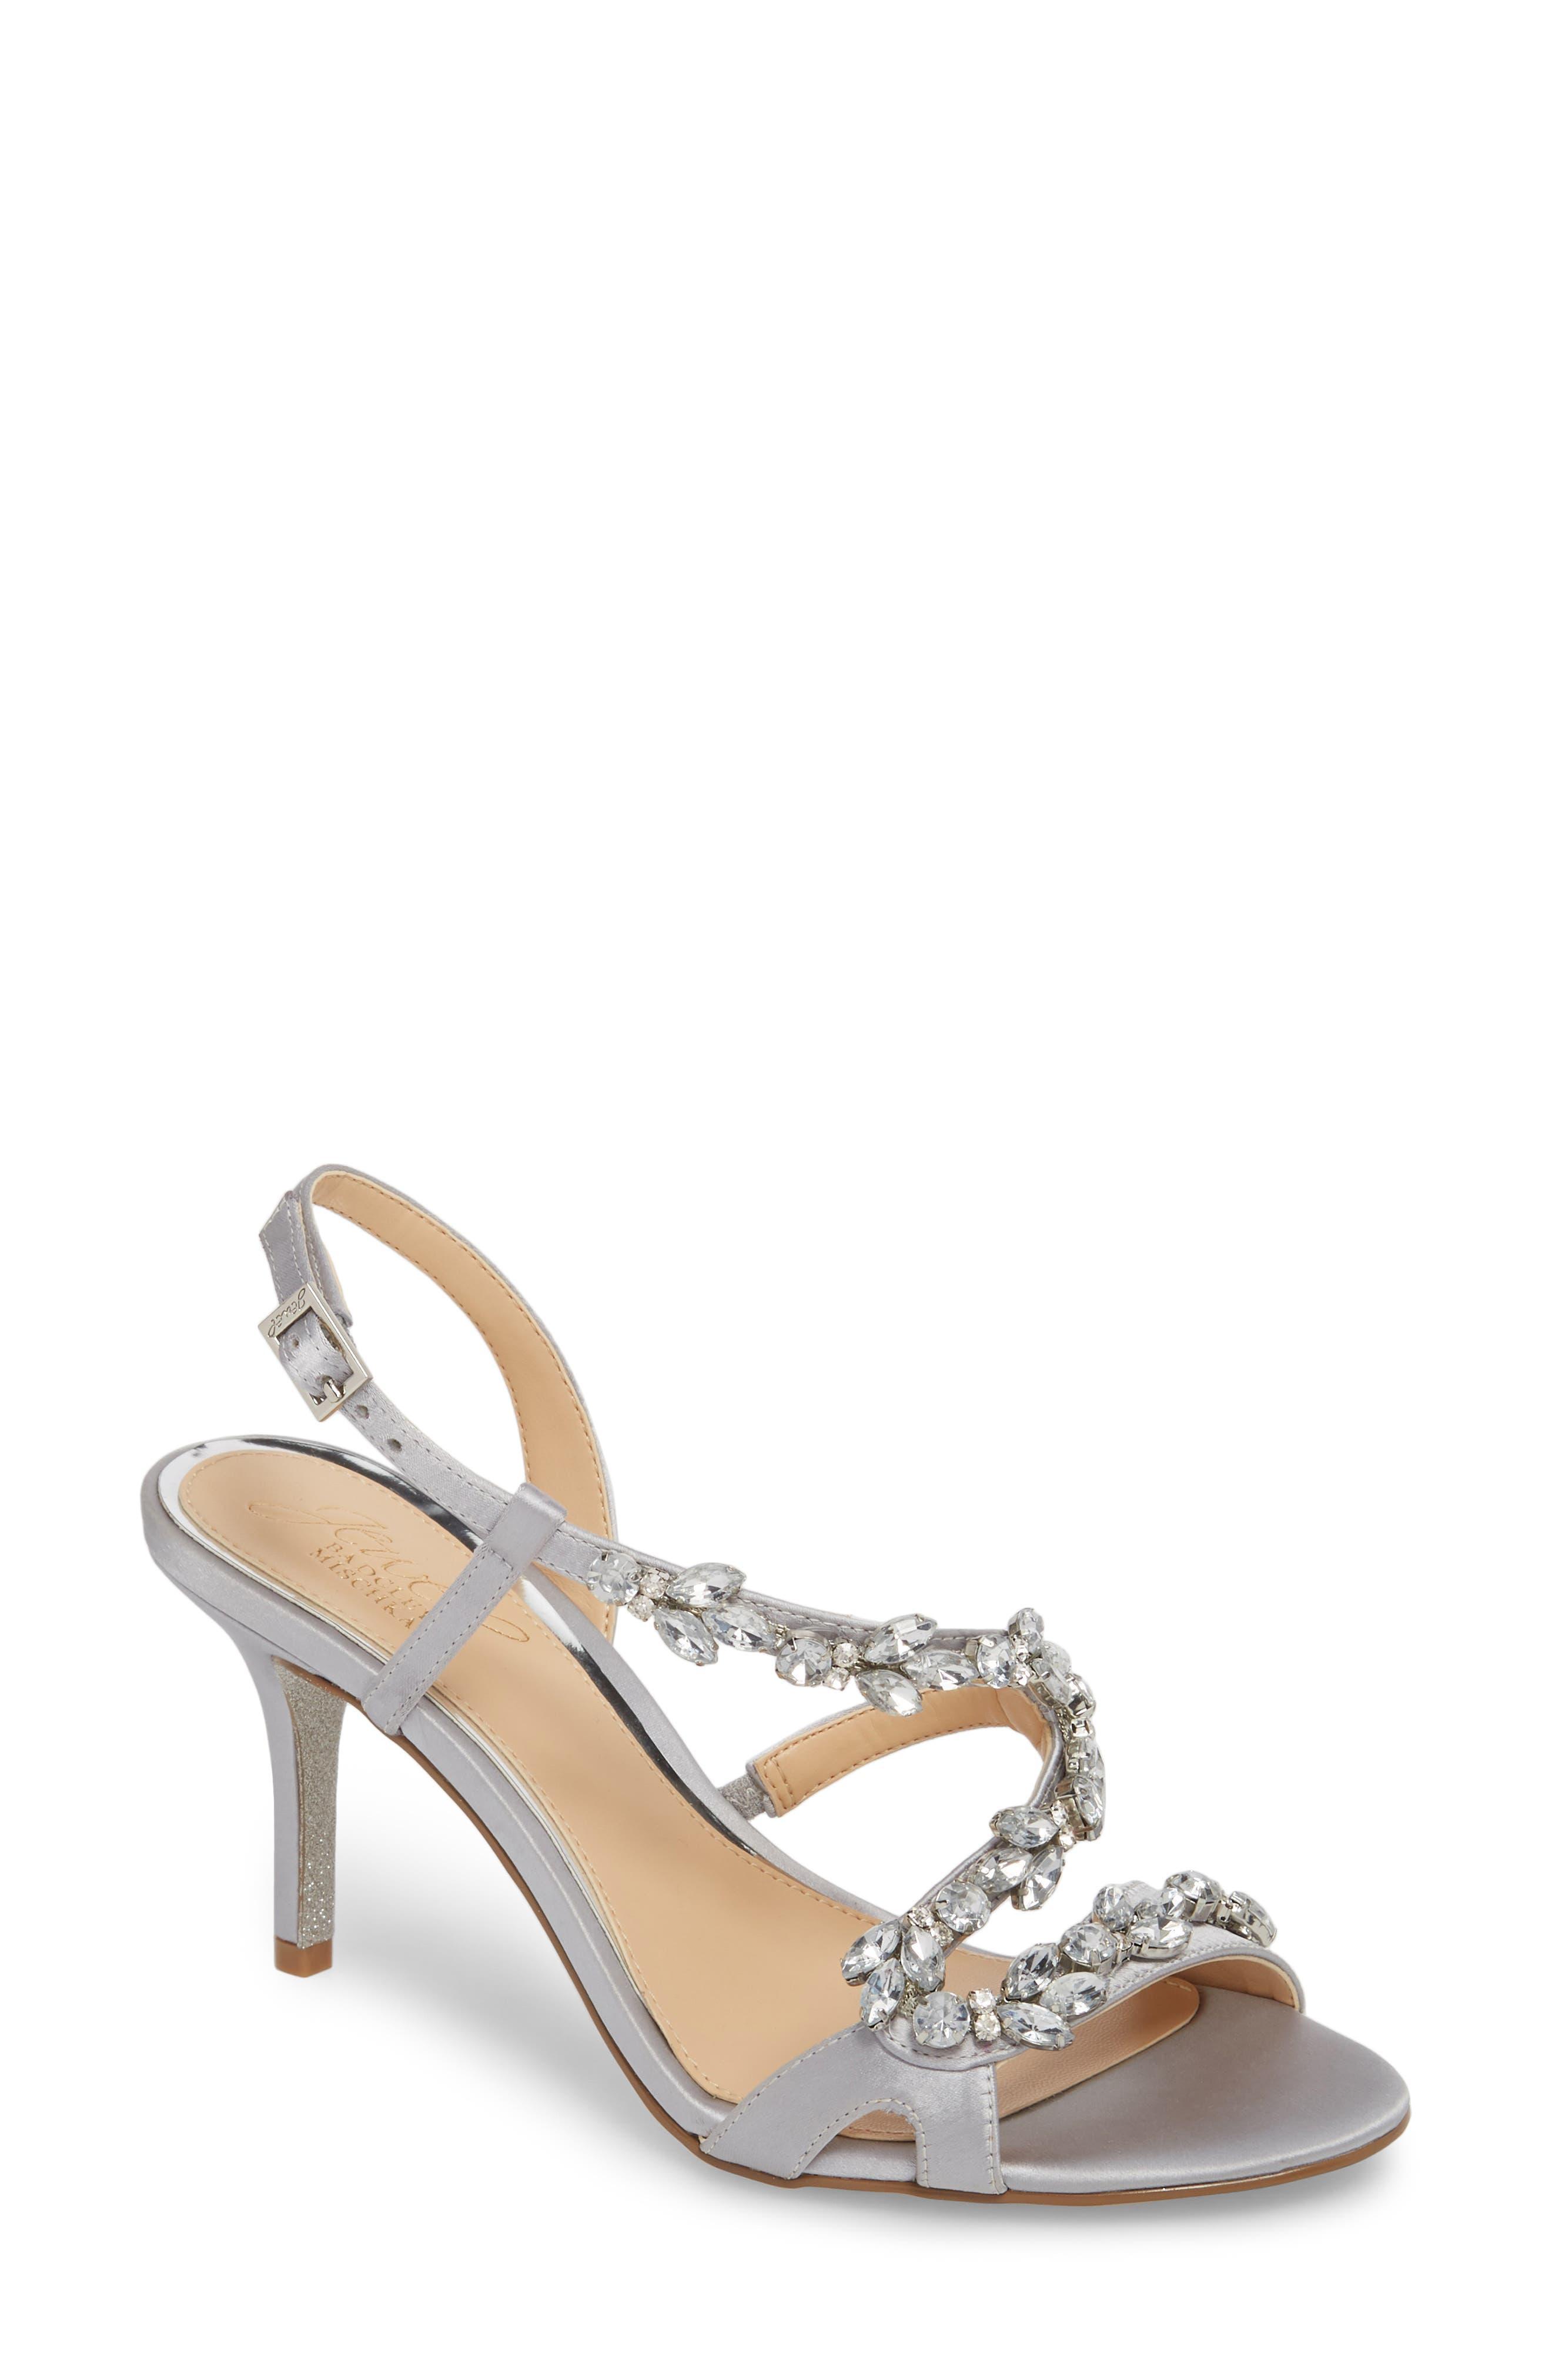 Badgley Mischka Ganet Embellished Sandal,                         Main,                         color, 045